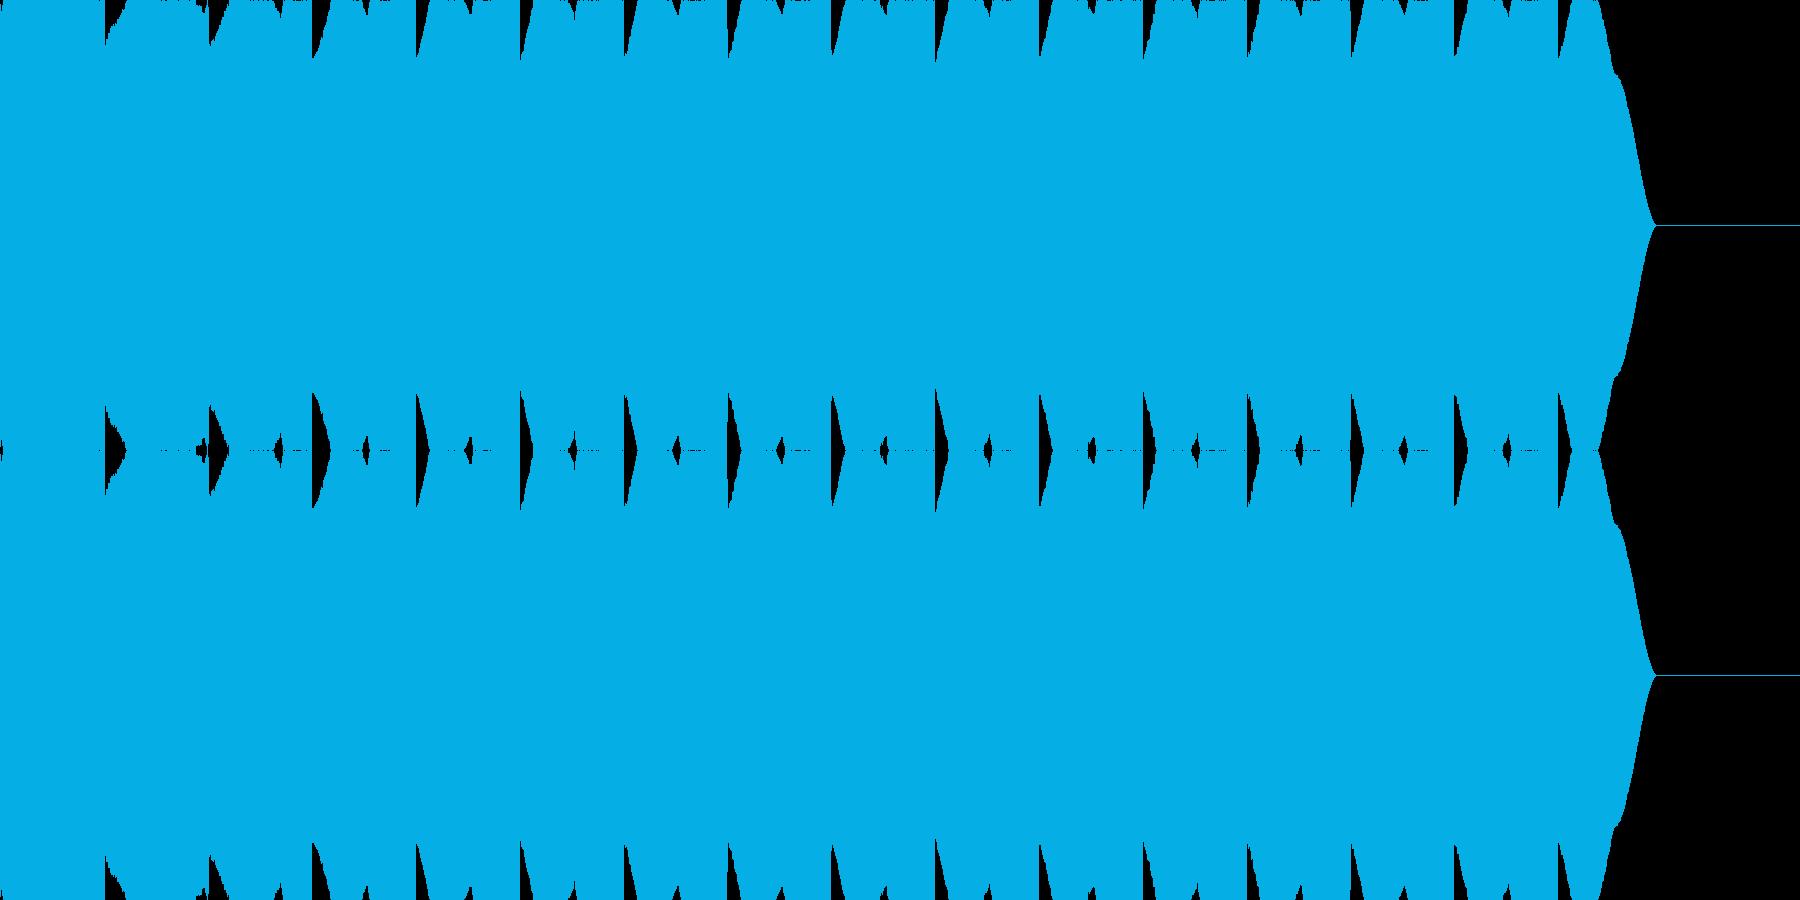 サイレン音 警報 アラーム 緊急速報の再生済みの波形